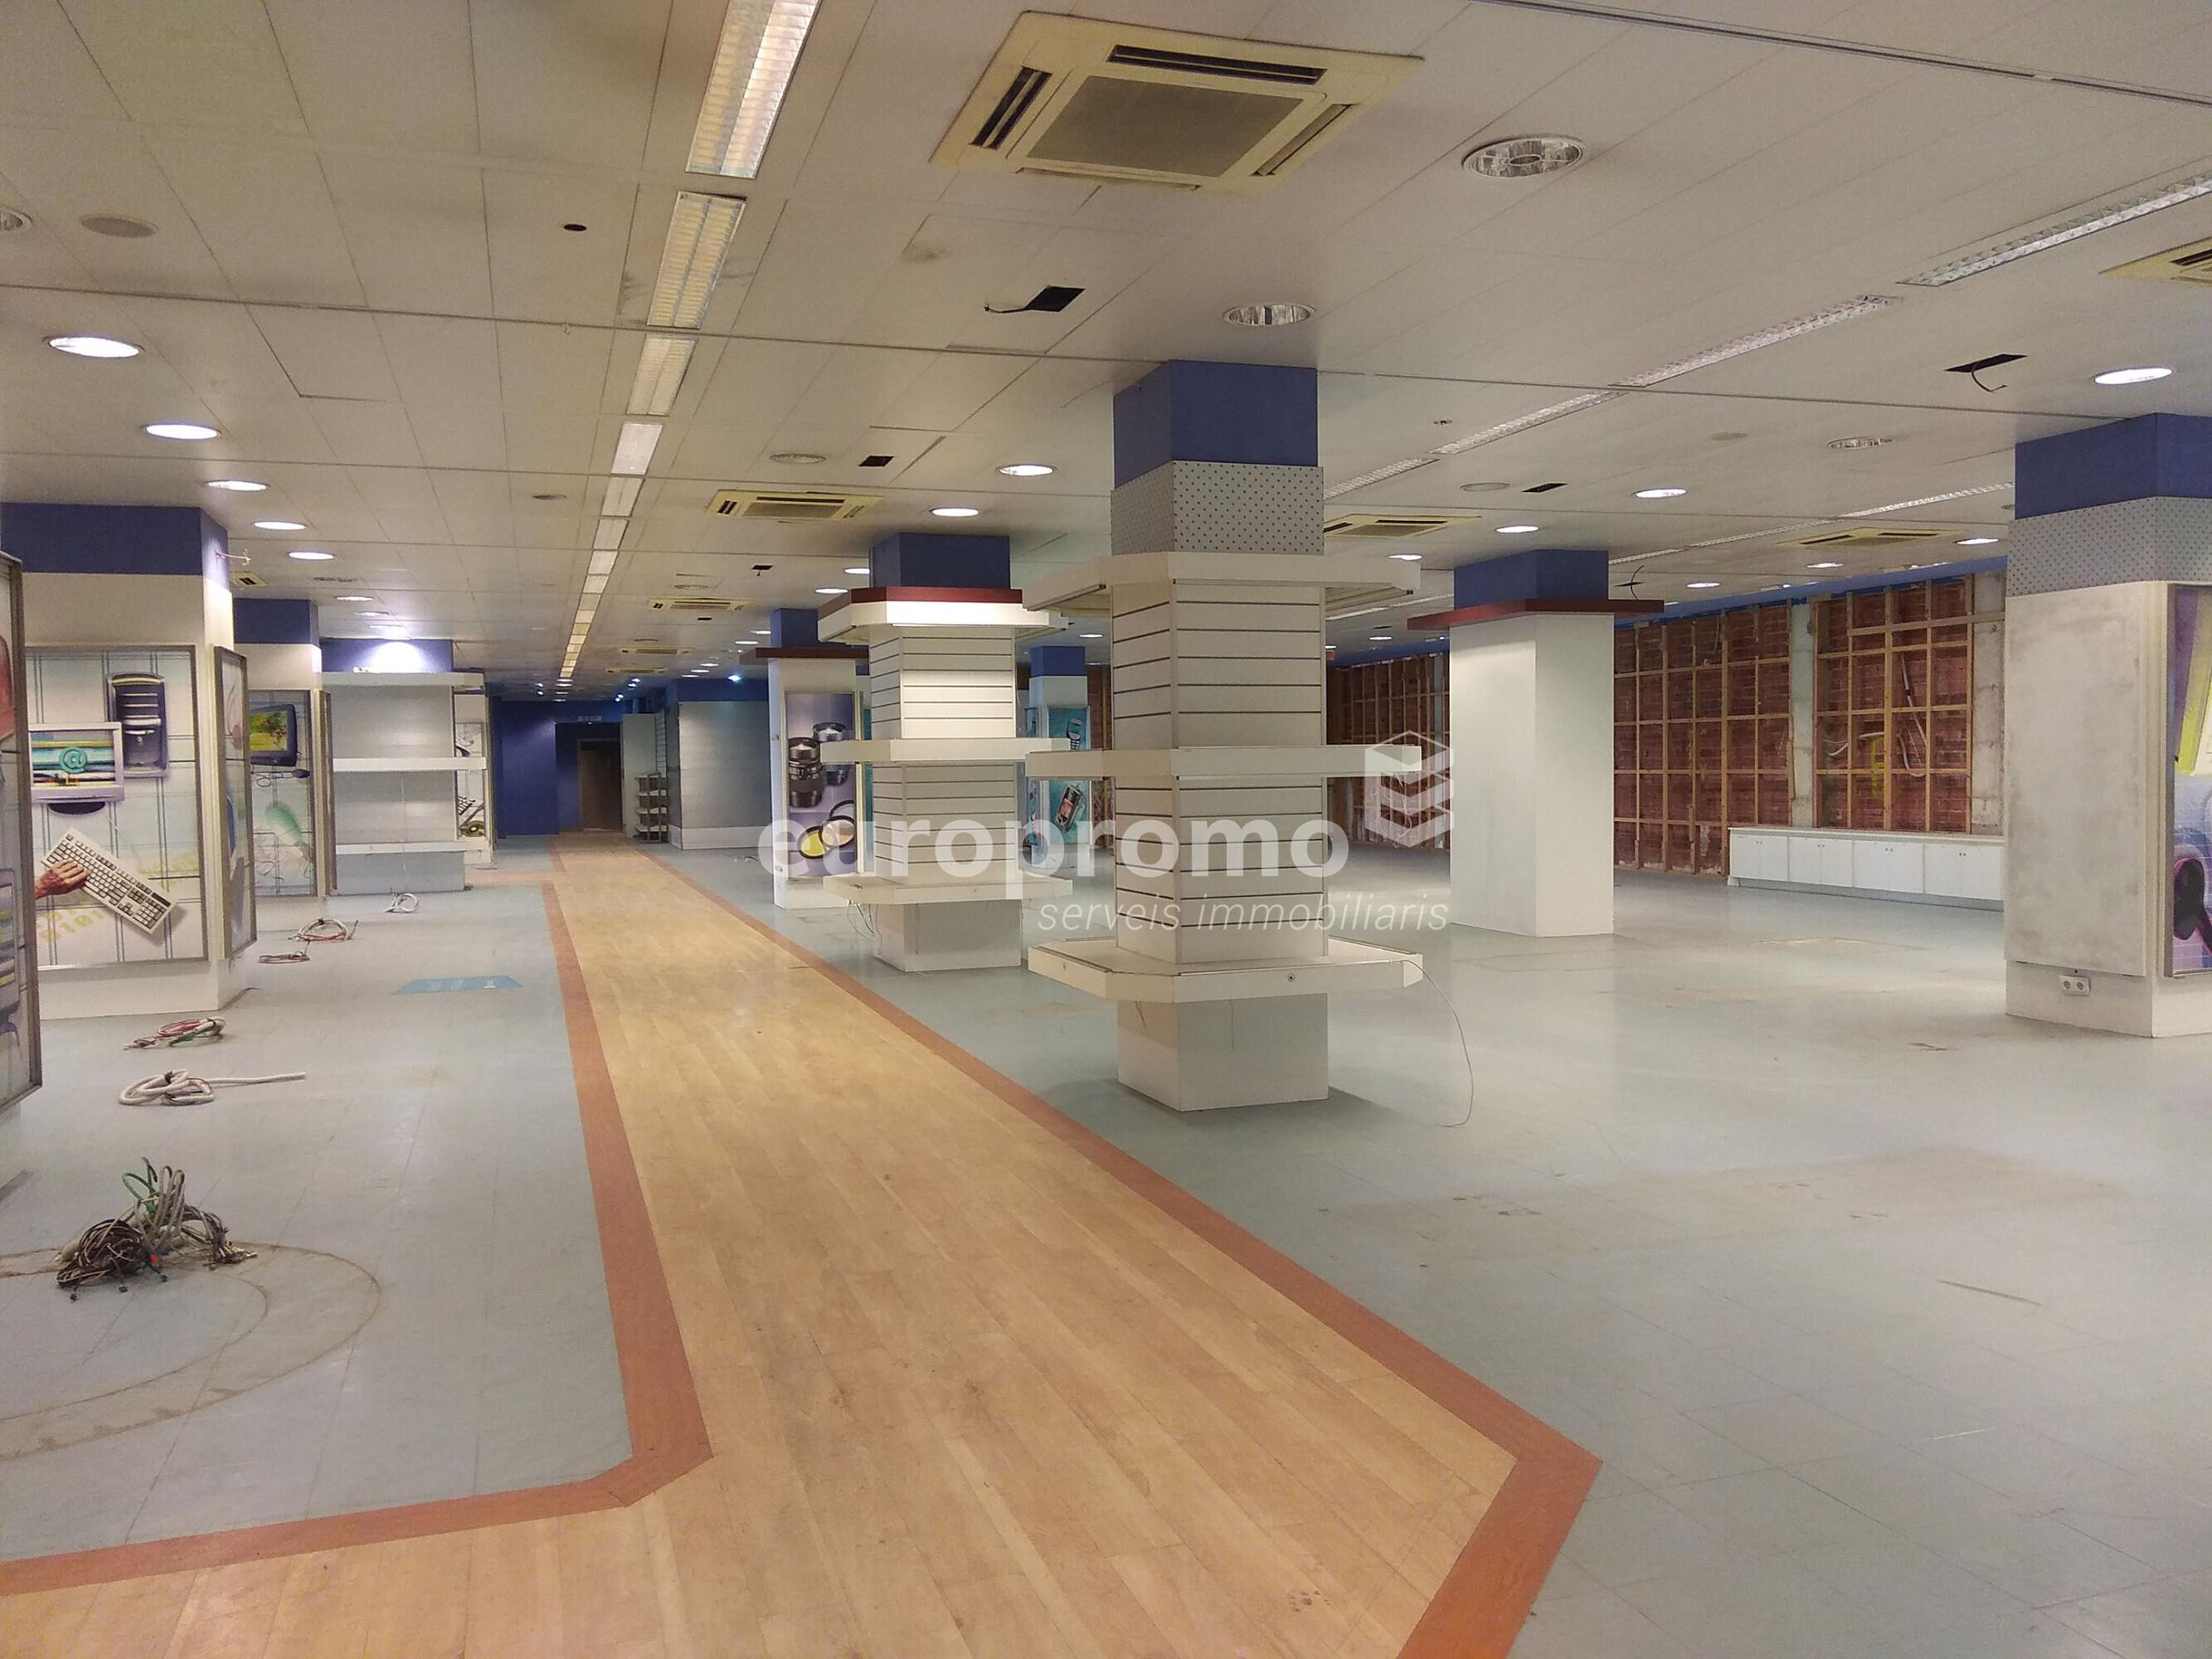 Local comercial de 600m² situat a la carretera Barcelona!